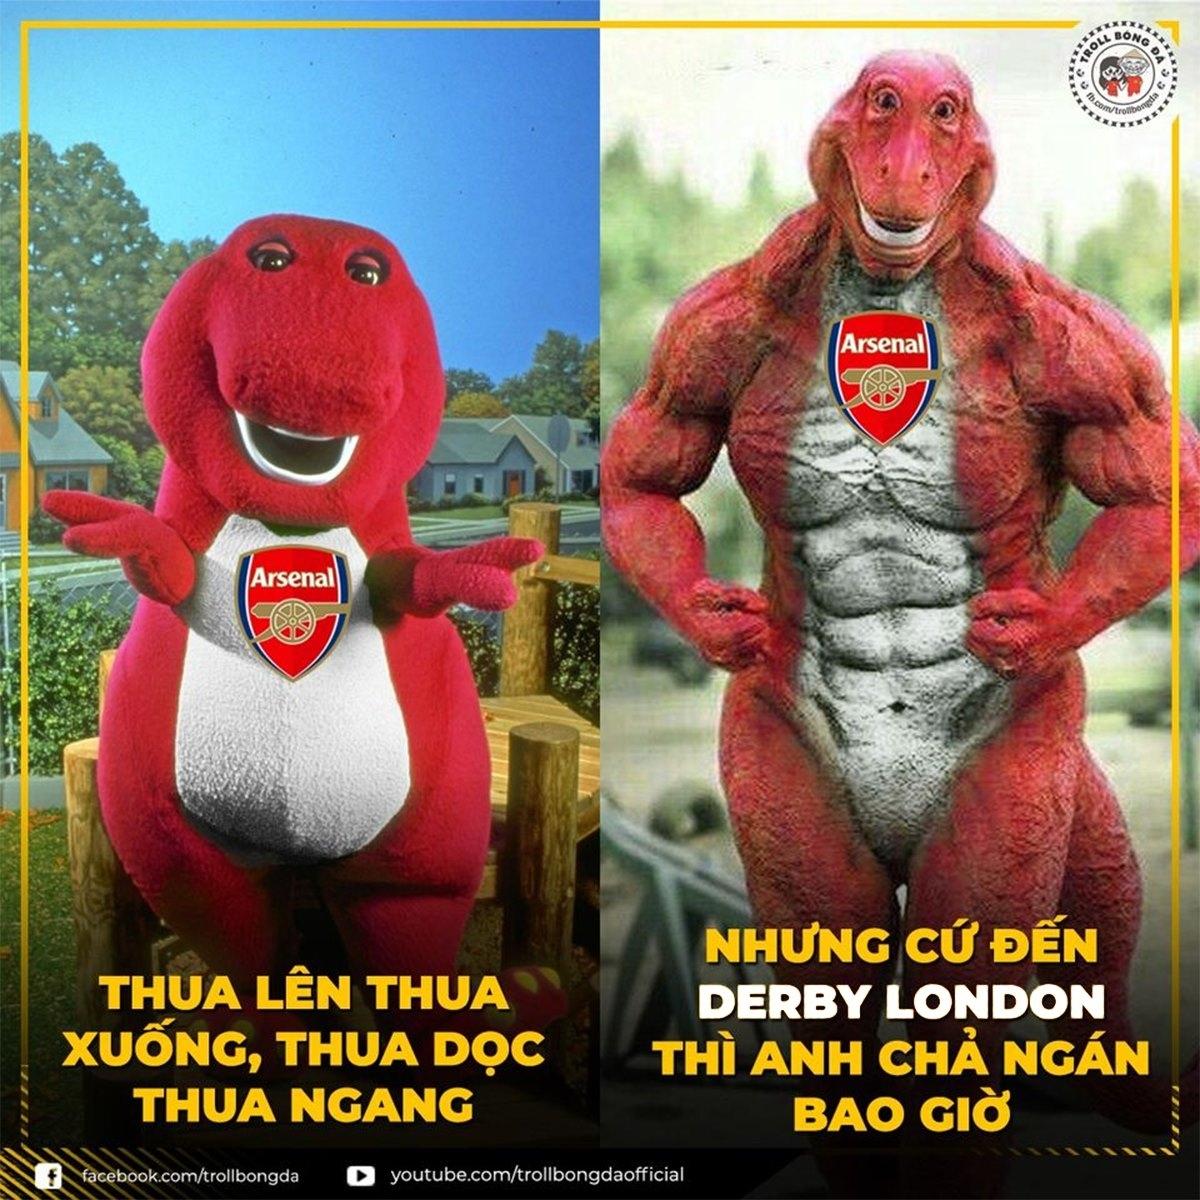 Arsenal không ngán đối thủ nào ở thành London. (Ảnh: Troll bóng đá).